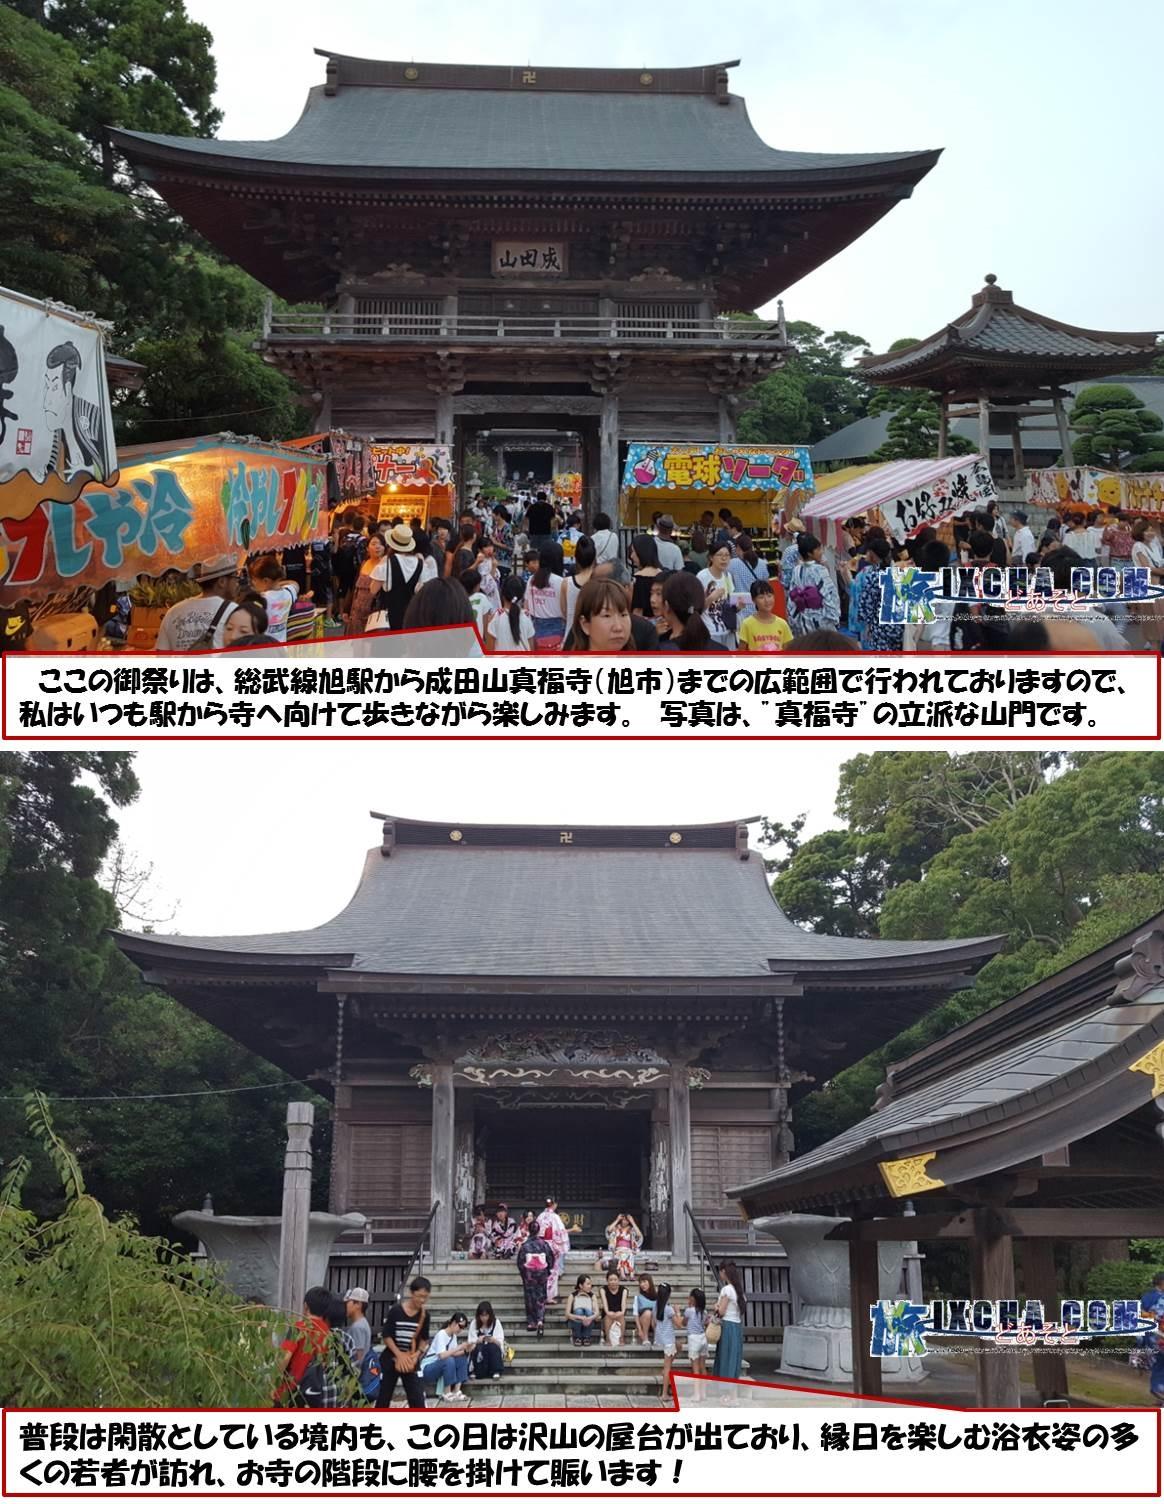 """ここの御祭りは、総武線旭駅から成田山真福寺(旭市)までの広範囲で行われておりますので、私はいつも駅から寺へ向けて歩きながら楽しみます。 写真は、""""真福寺""""の立派な山門です。 普段は閑散としている境内も、この日は沢山の屋台が出ており、縁日を楽しむ浴衣姿の多くの若者が訪れ、お寺の階段に腰を掛けて賑います!"""